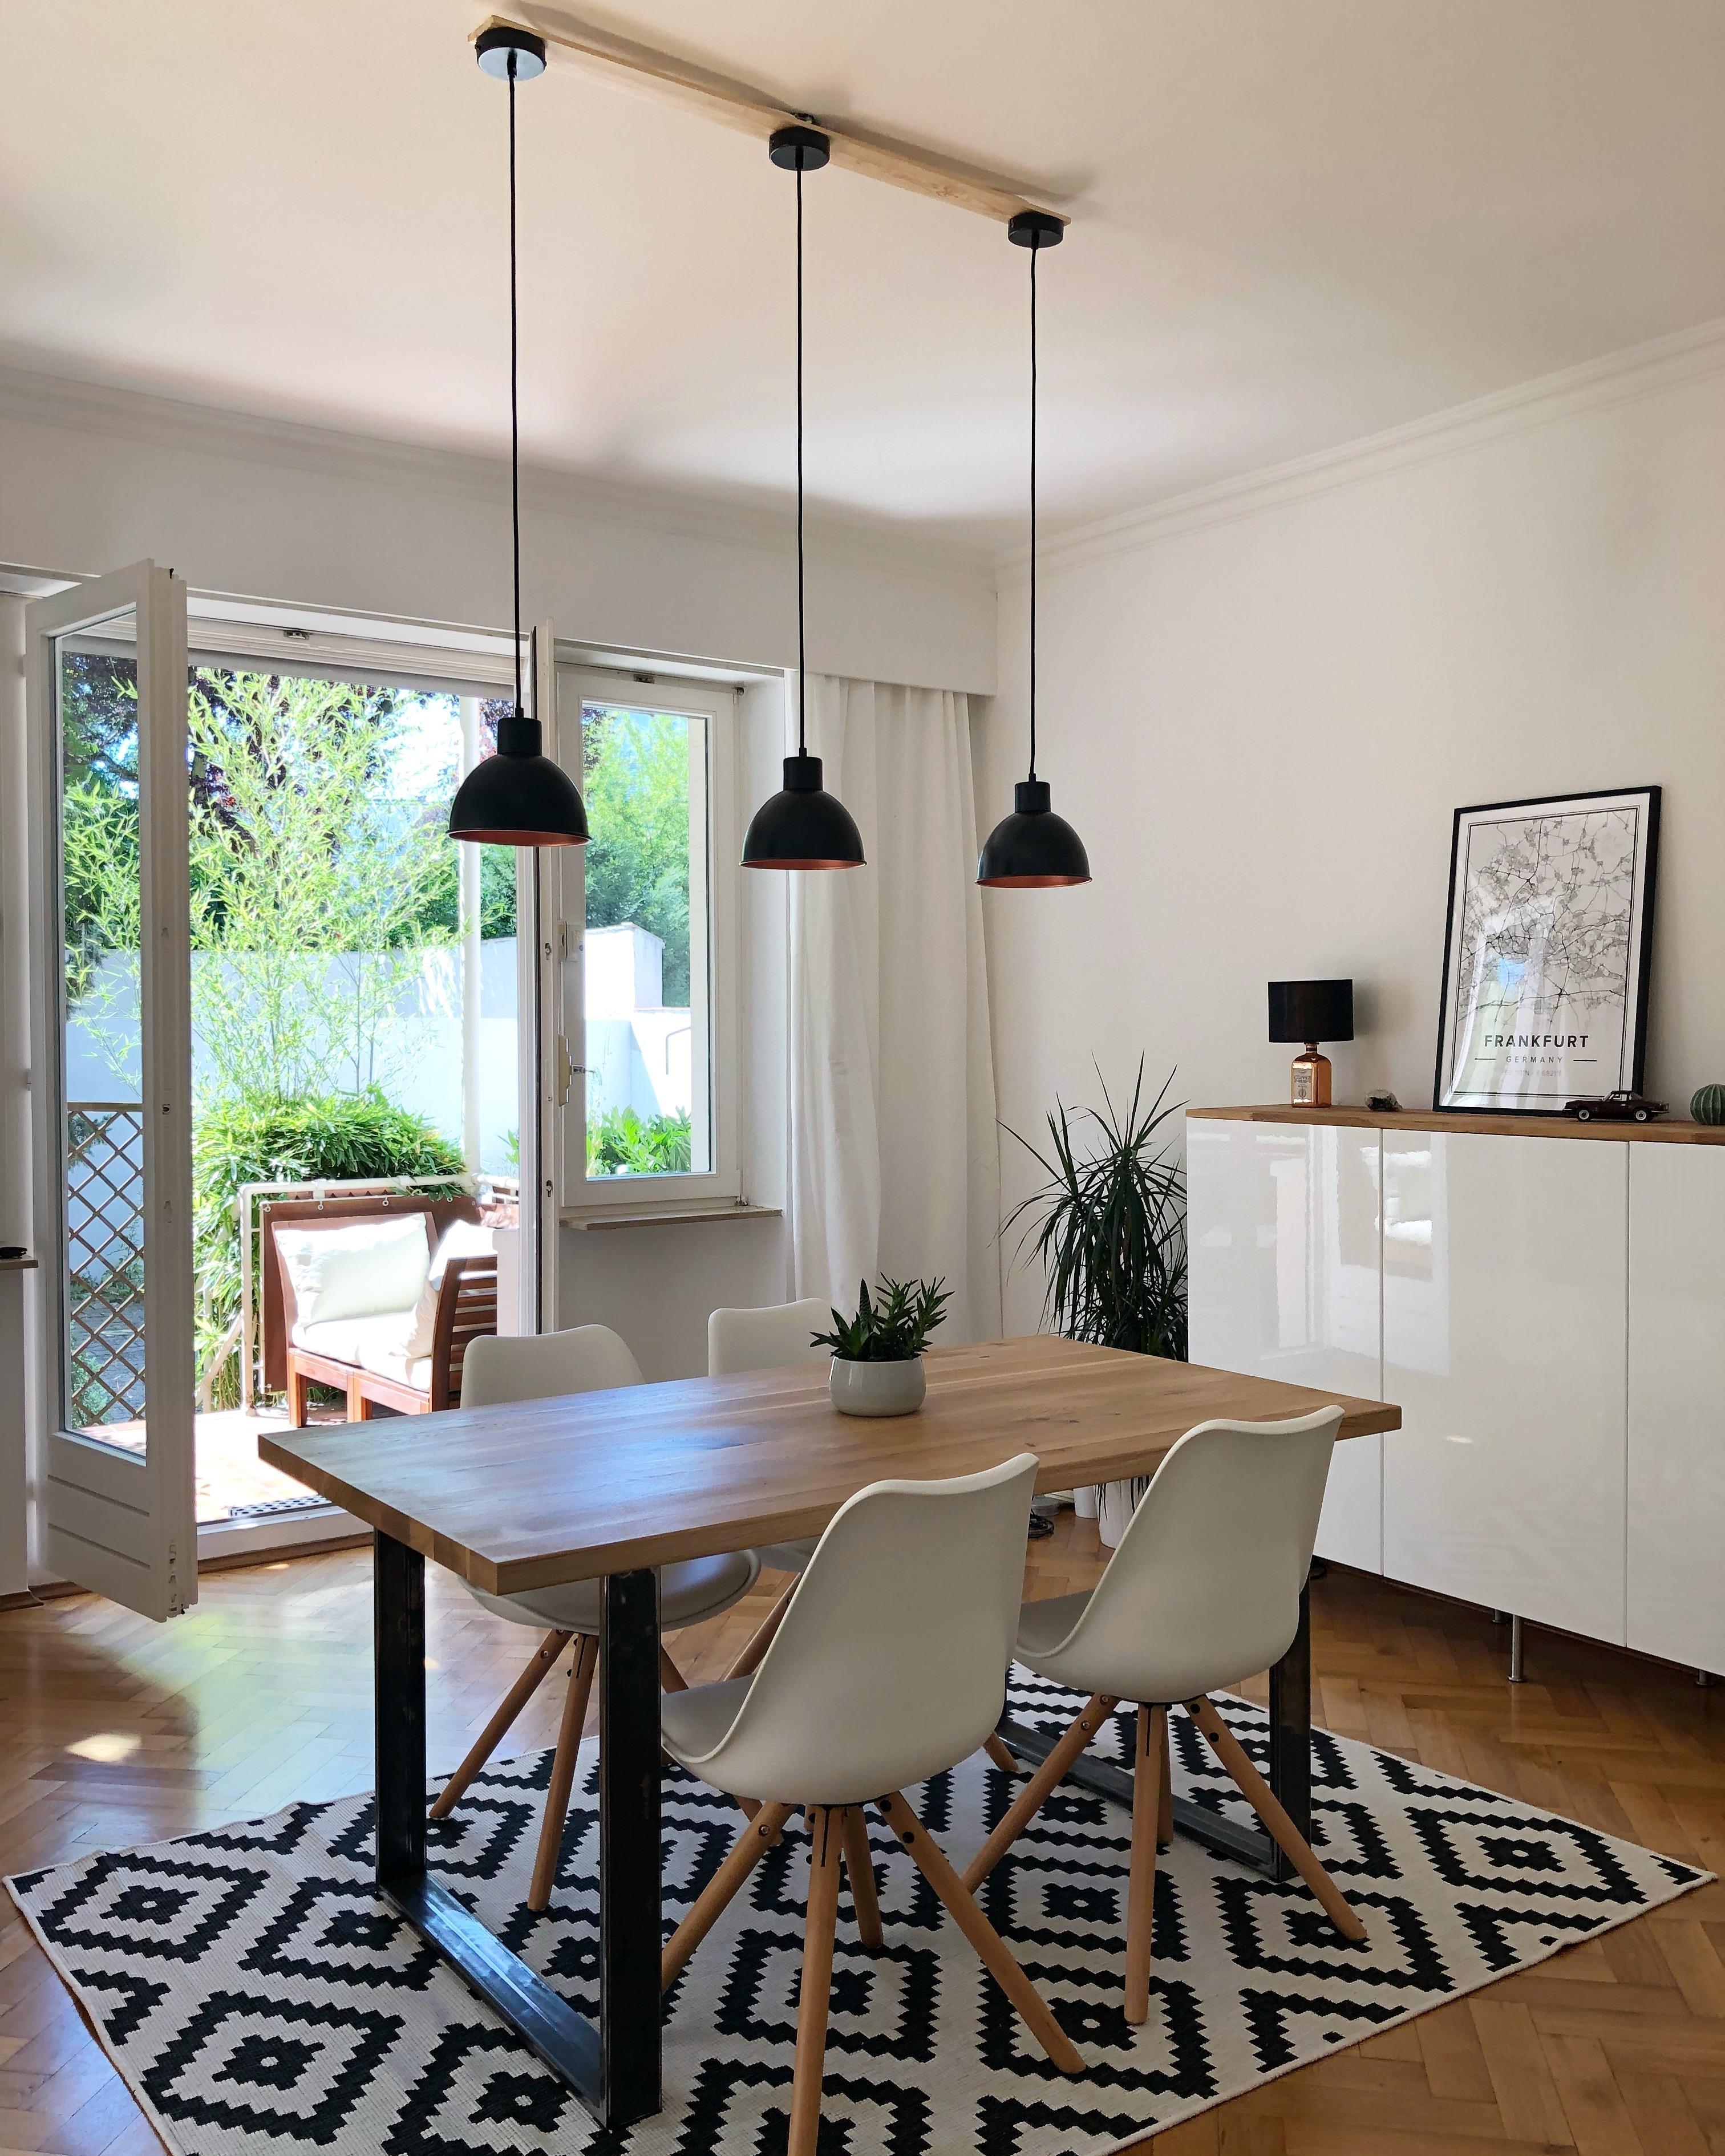 Wohnzimmer Couchstyle Home Minimalistisch Sc